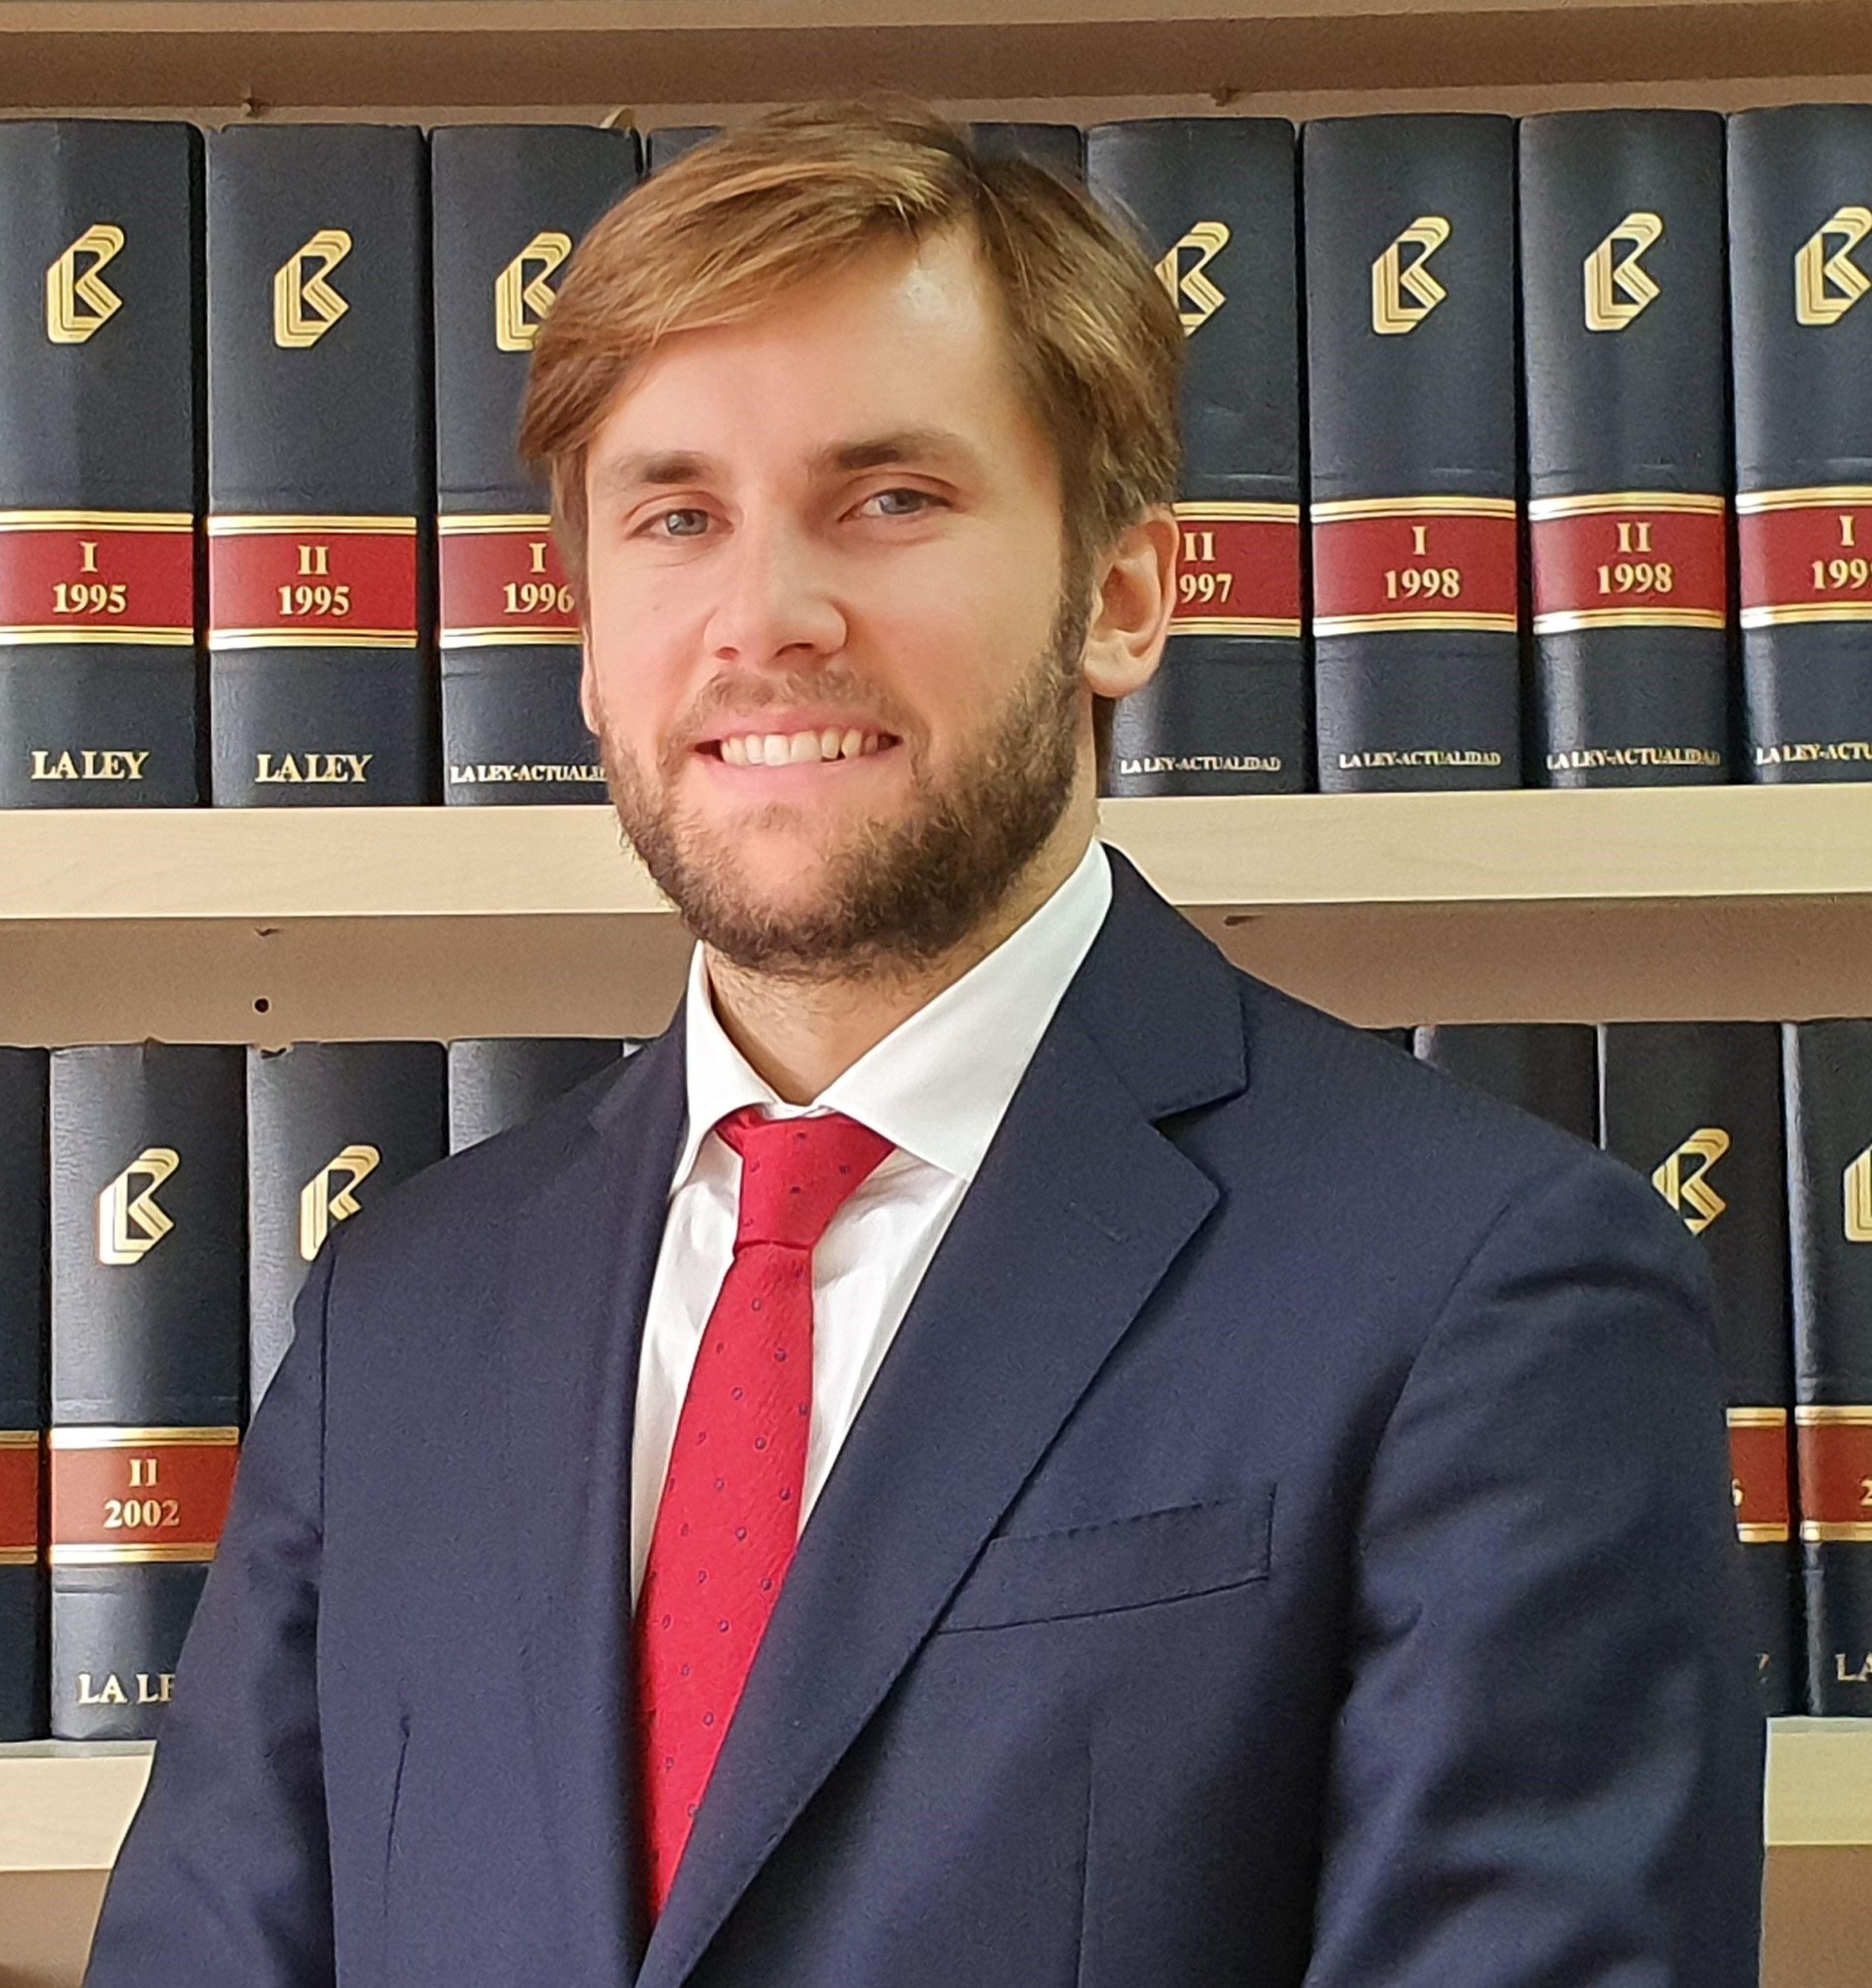 Álvaro Batlle Carbó